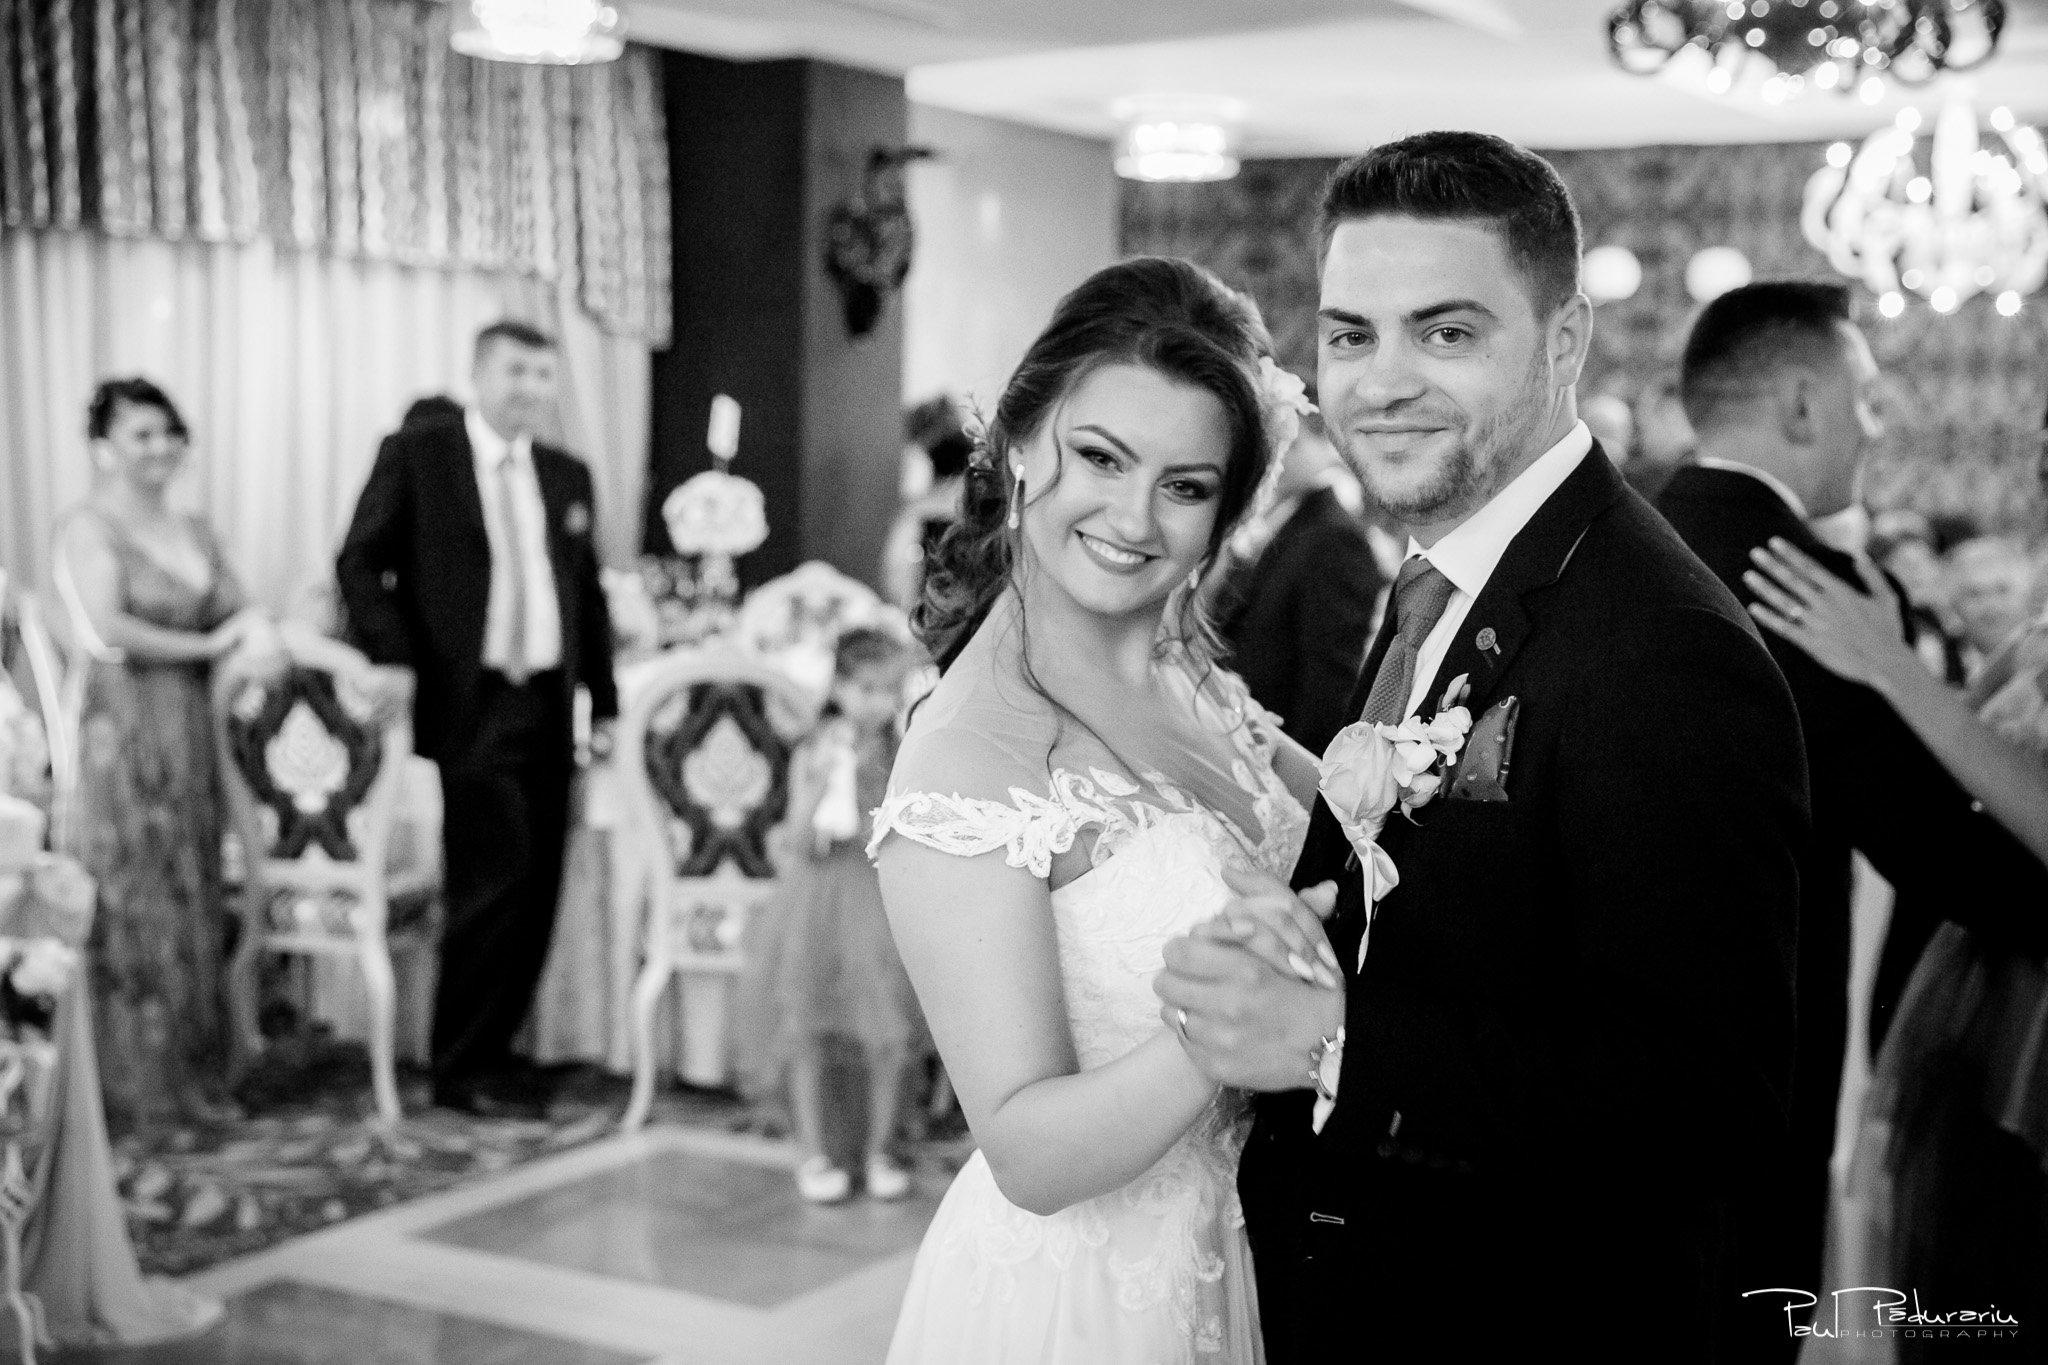 Miri Ariadna si Iulian petrecere nunta Iasi www.paulpadurariu.ro © 2017 Paul Padurariu